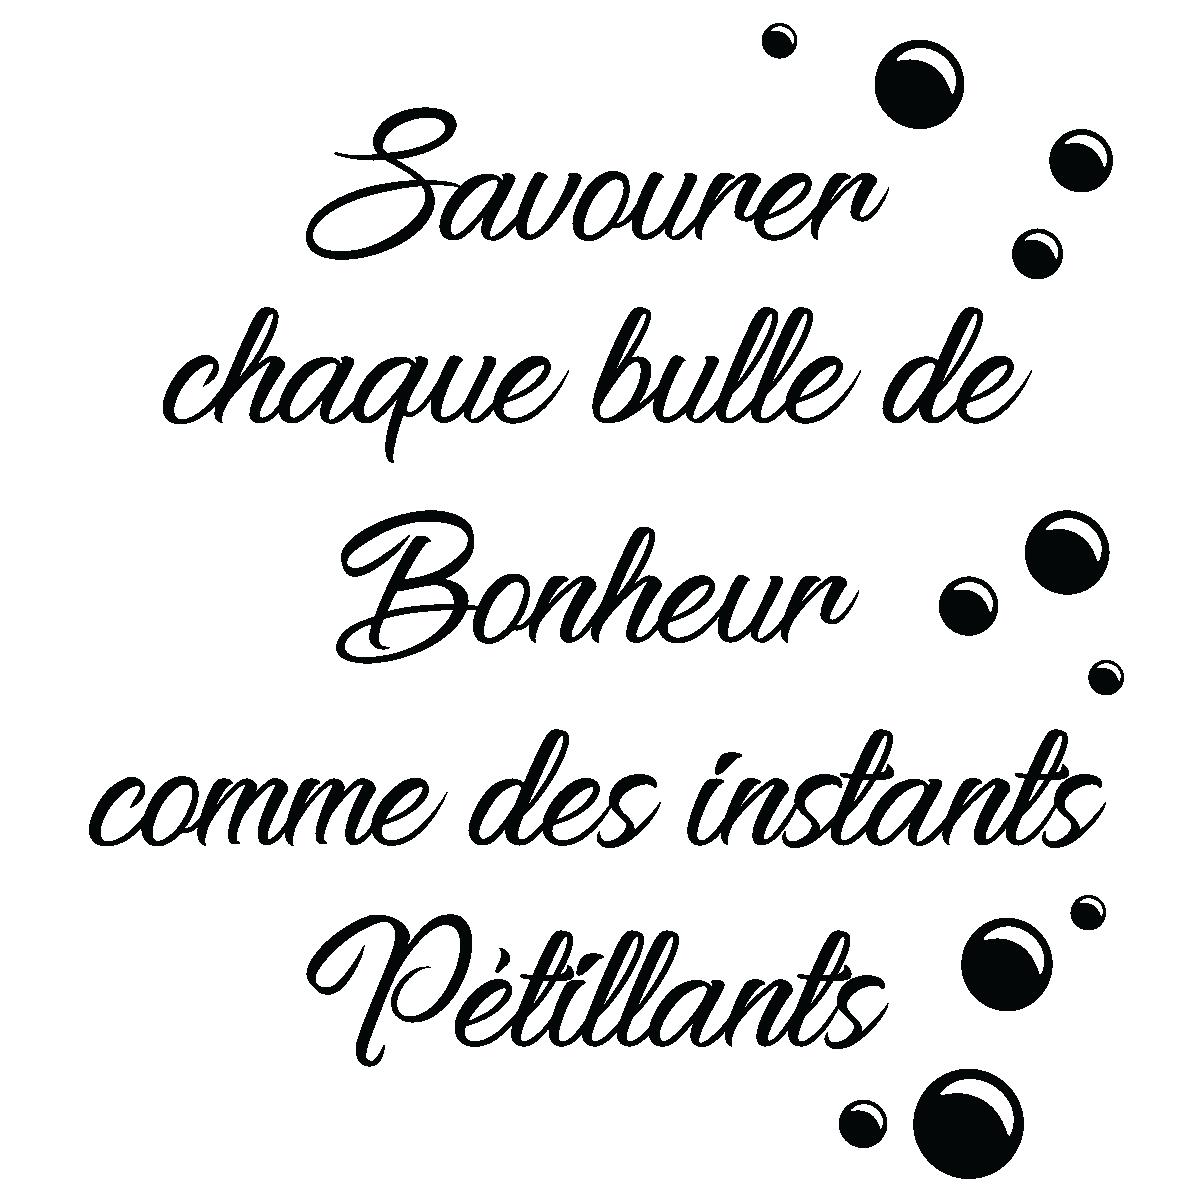 Sticker citation bulle de bonheur – Stickers Citations Français